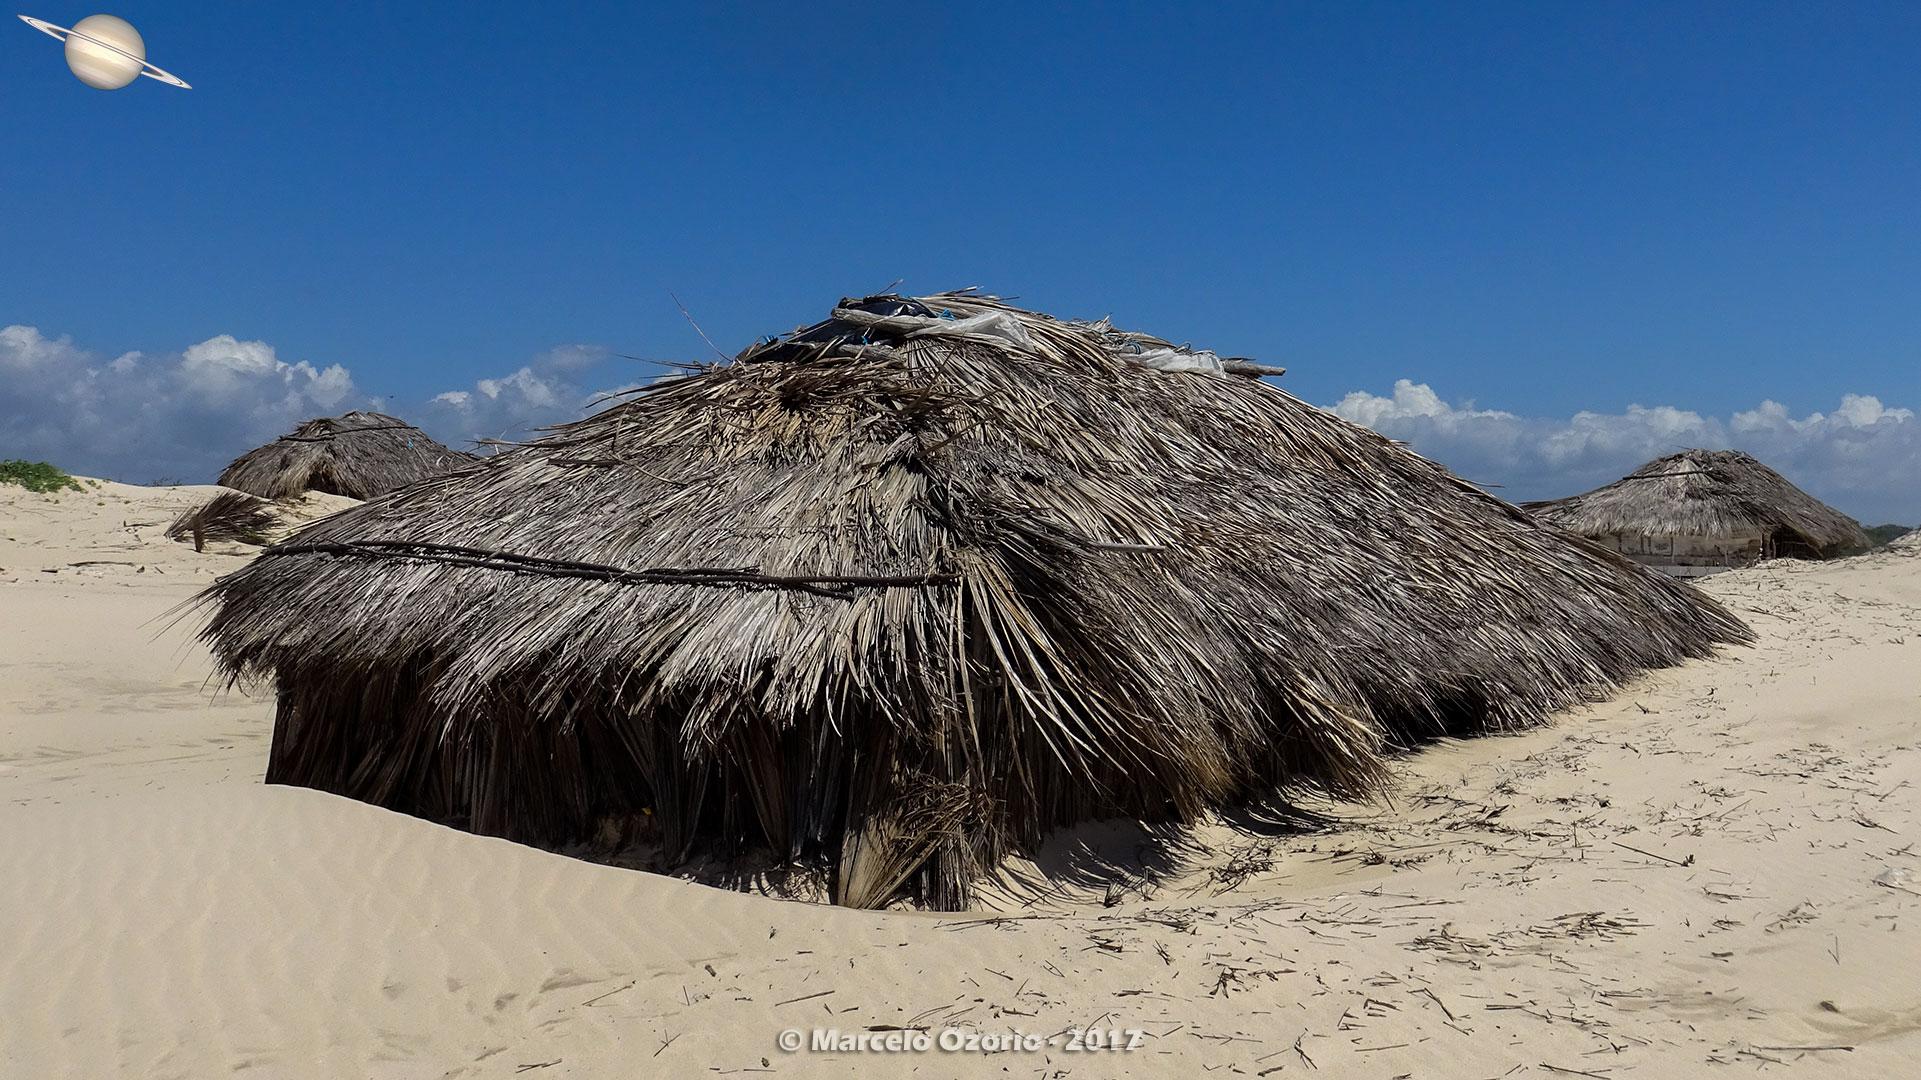 cabure lencois maranhenses brasil 22 - De Barreirinhas à Canto do Atins. Trekking nos Lençóis Maranhenses - Brasil